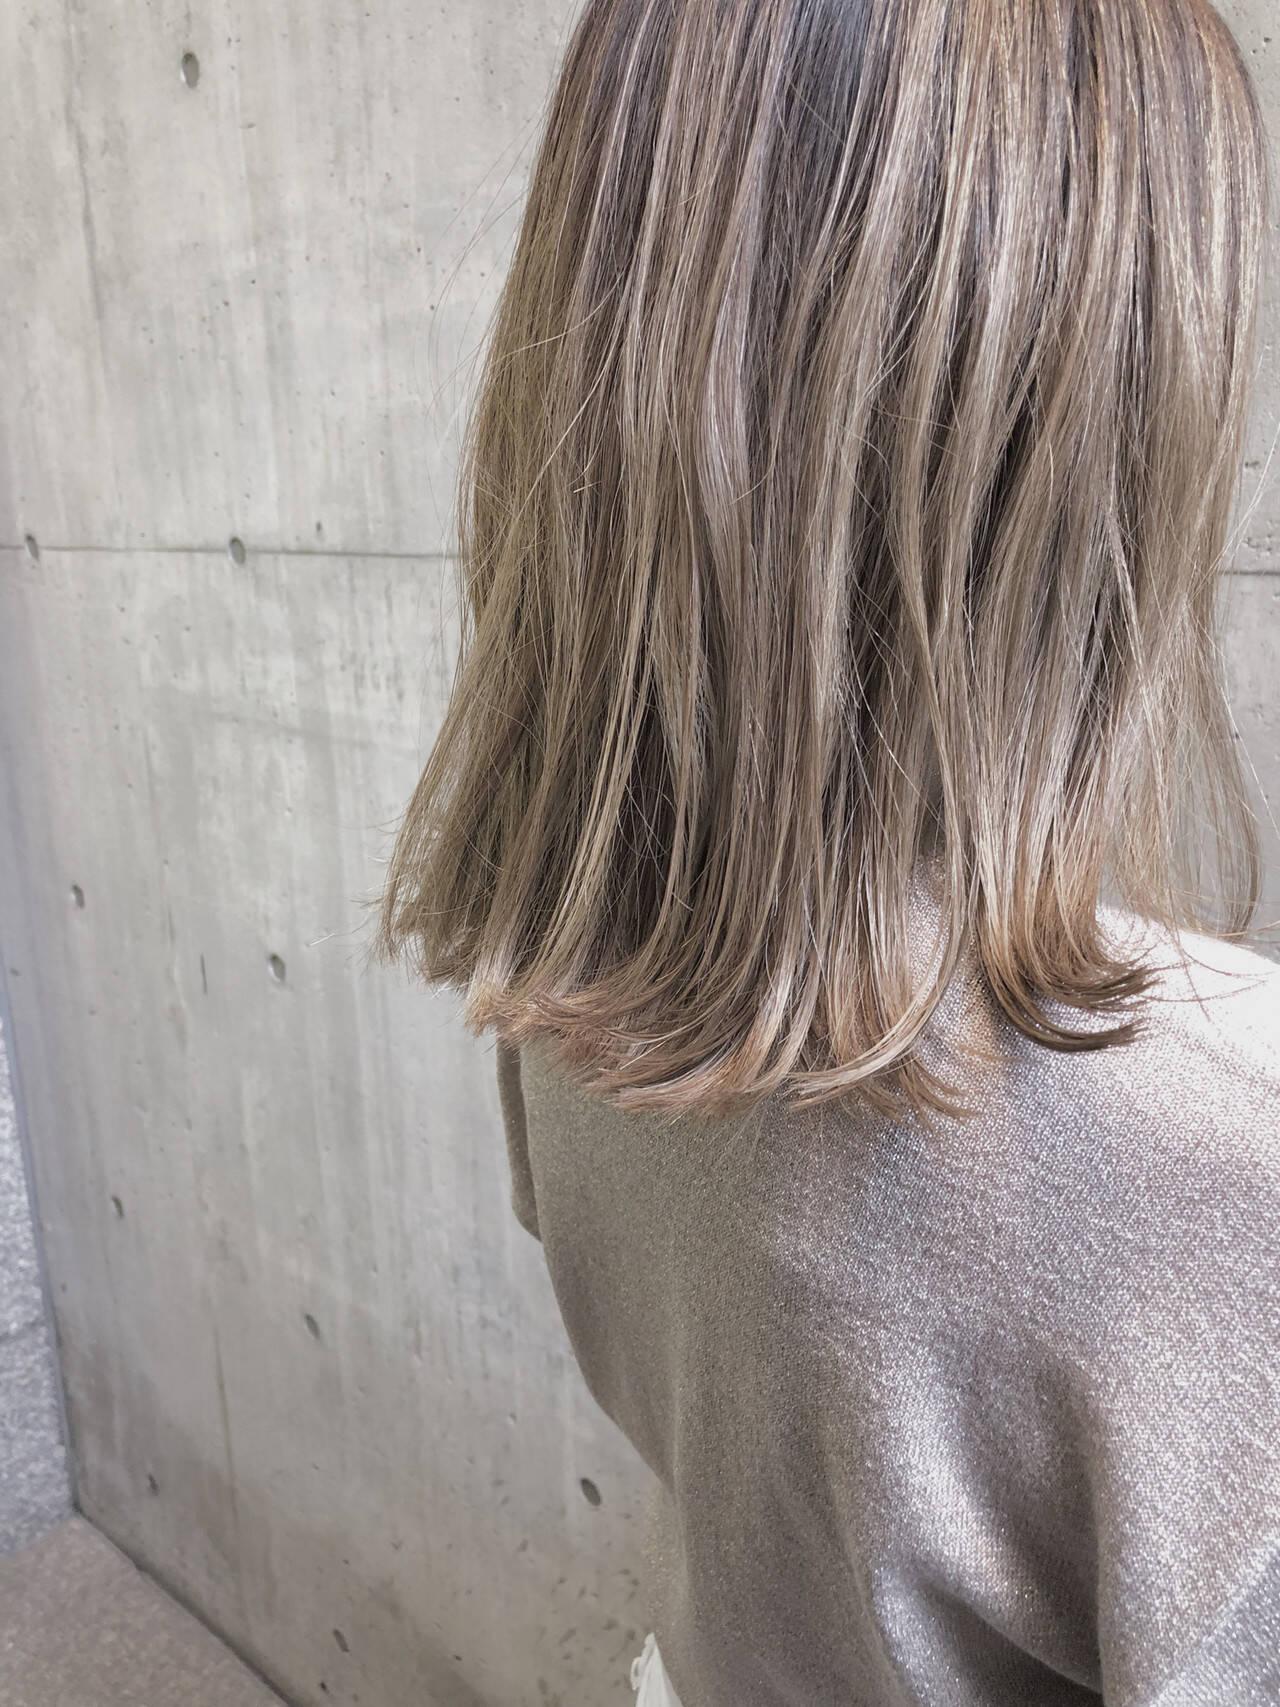 ナチュラル ミルクティーベージュ ミディアム ベージュヘアスタイルや髪型の写真・画像